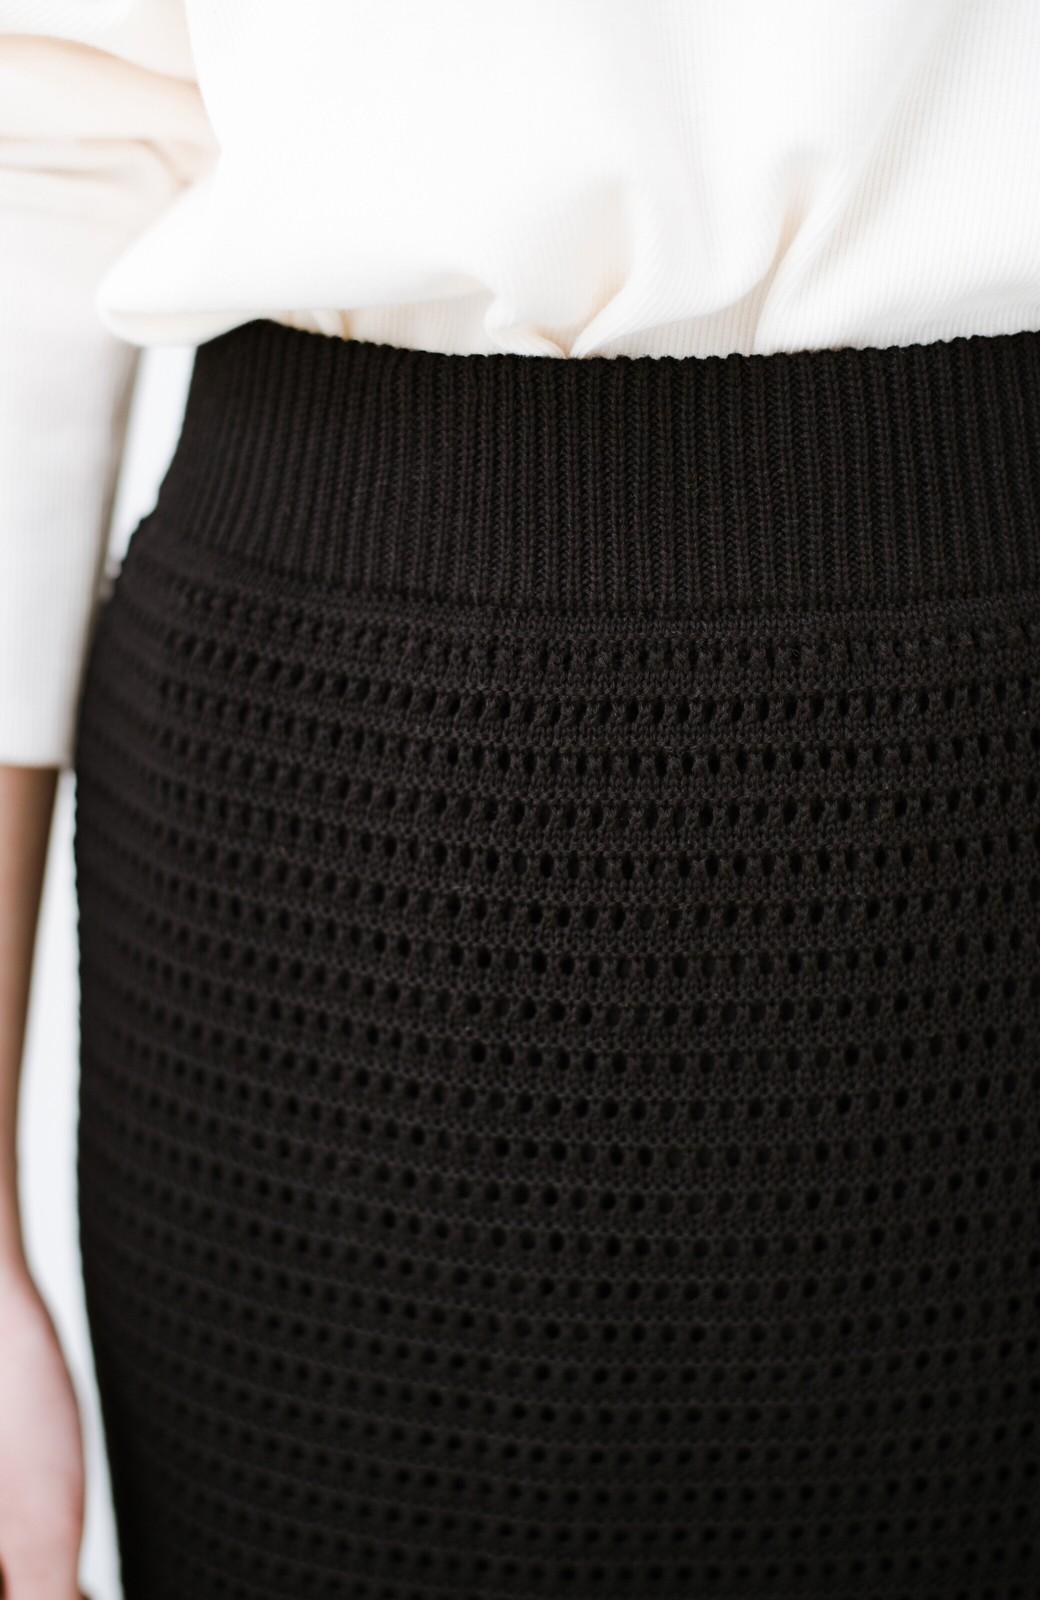 haco! 単品はもちろん重ね着してもかわいさが増す!透かし編みマーメイドスカート <ブラック>の商品写真7